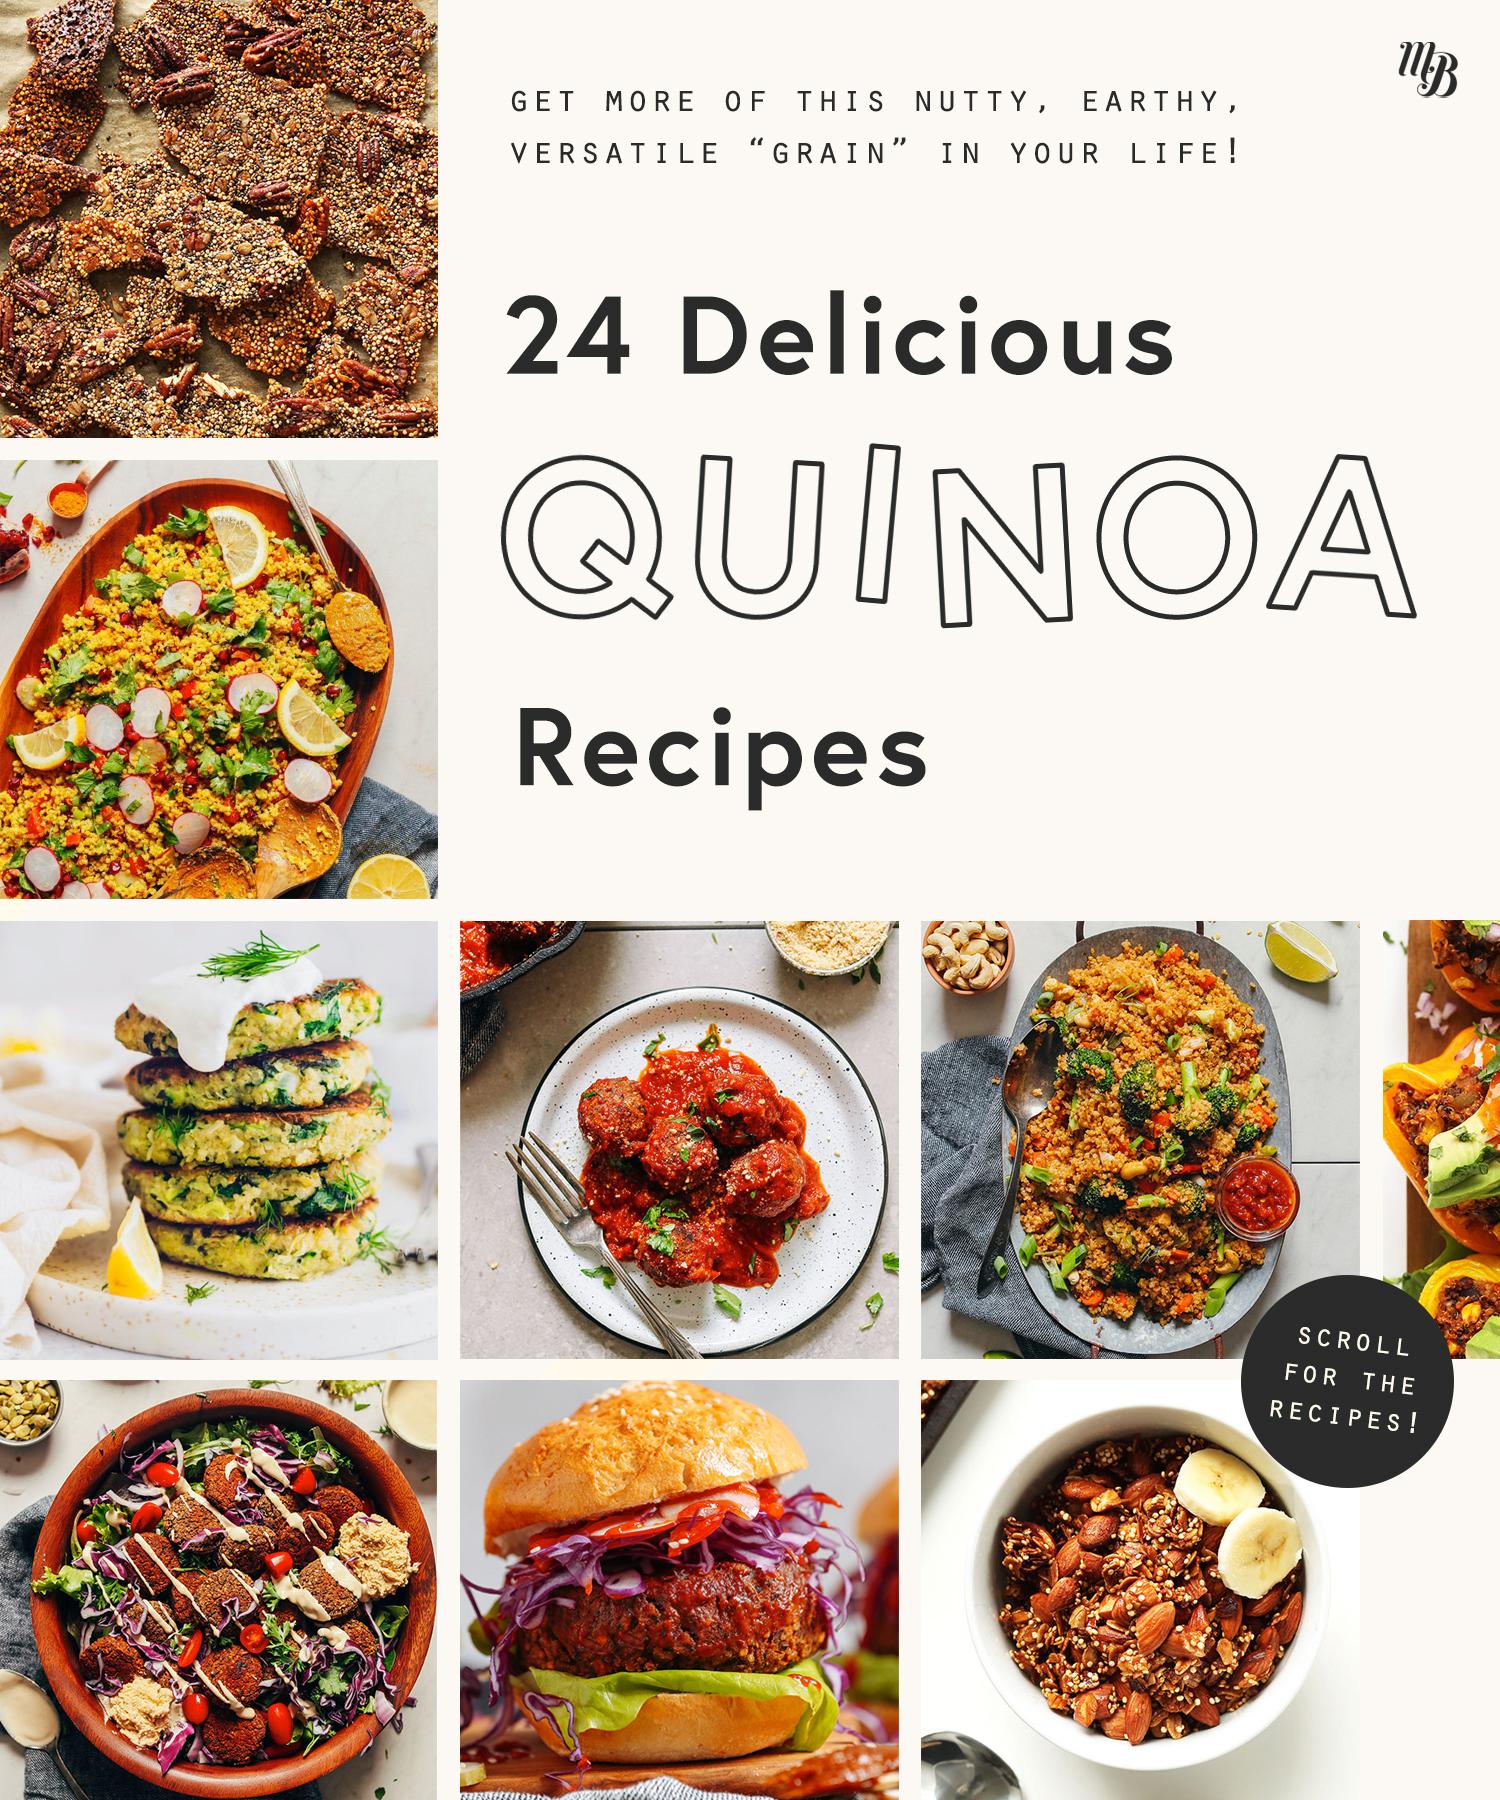 Assortment of delicious quinoa recipes